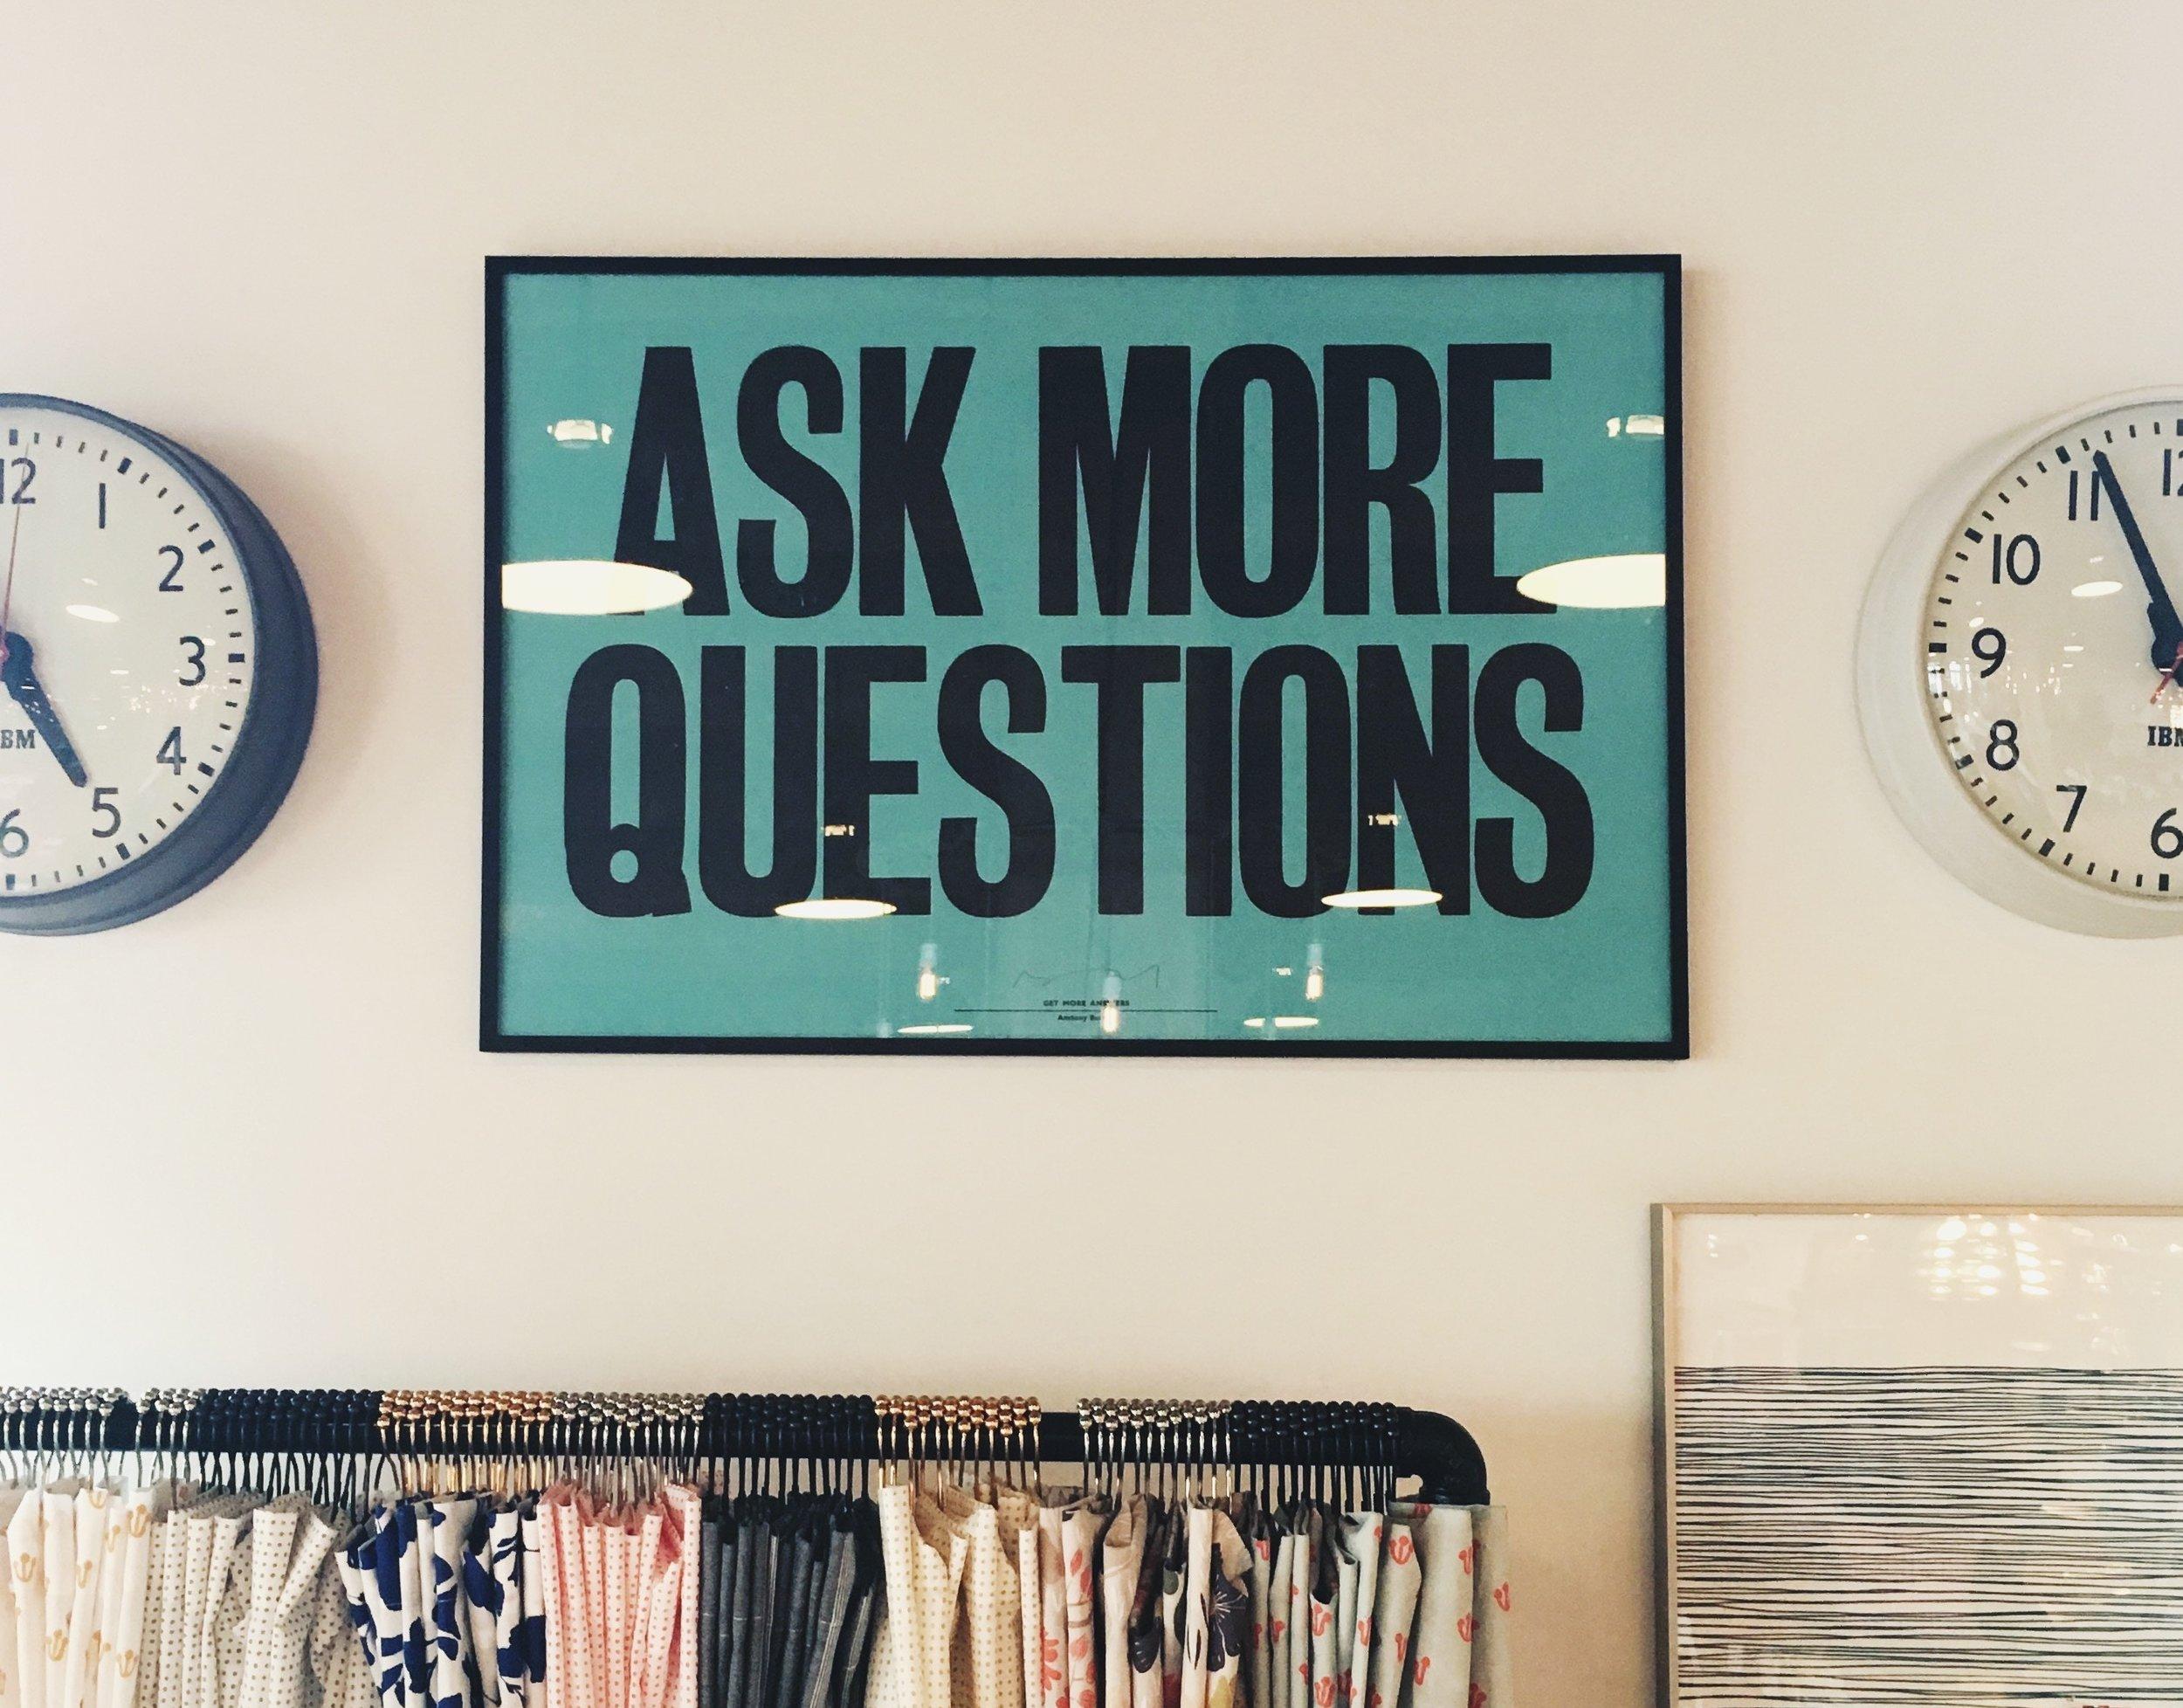 retail-audit-software-questionnaires